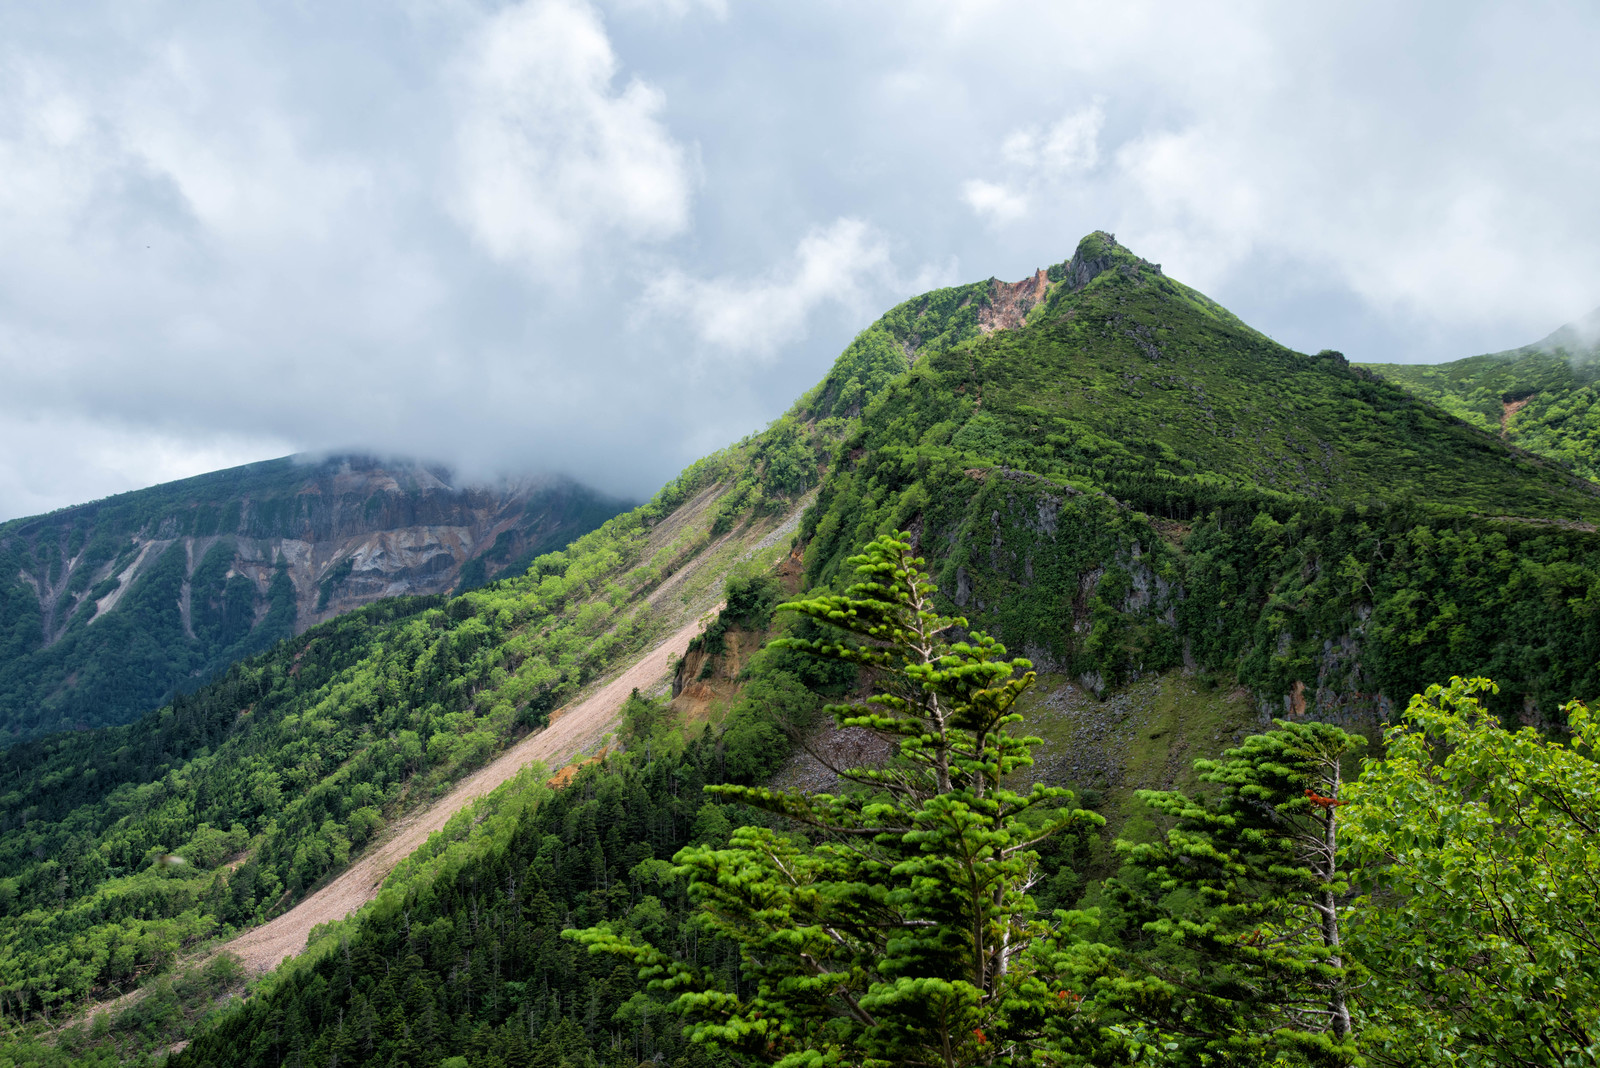 「新緑に覆われた東天狗岳と曇り空(八ヶ岳連峰)」の写真